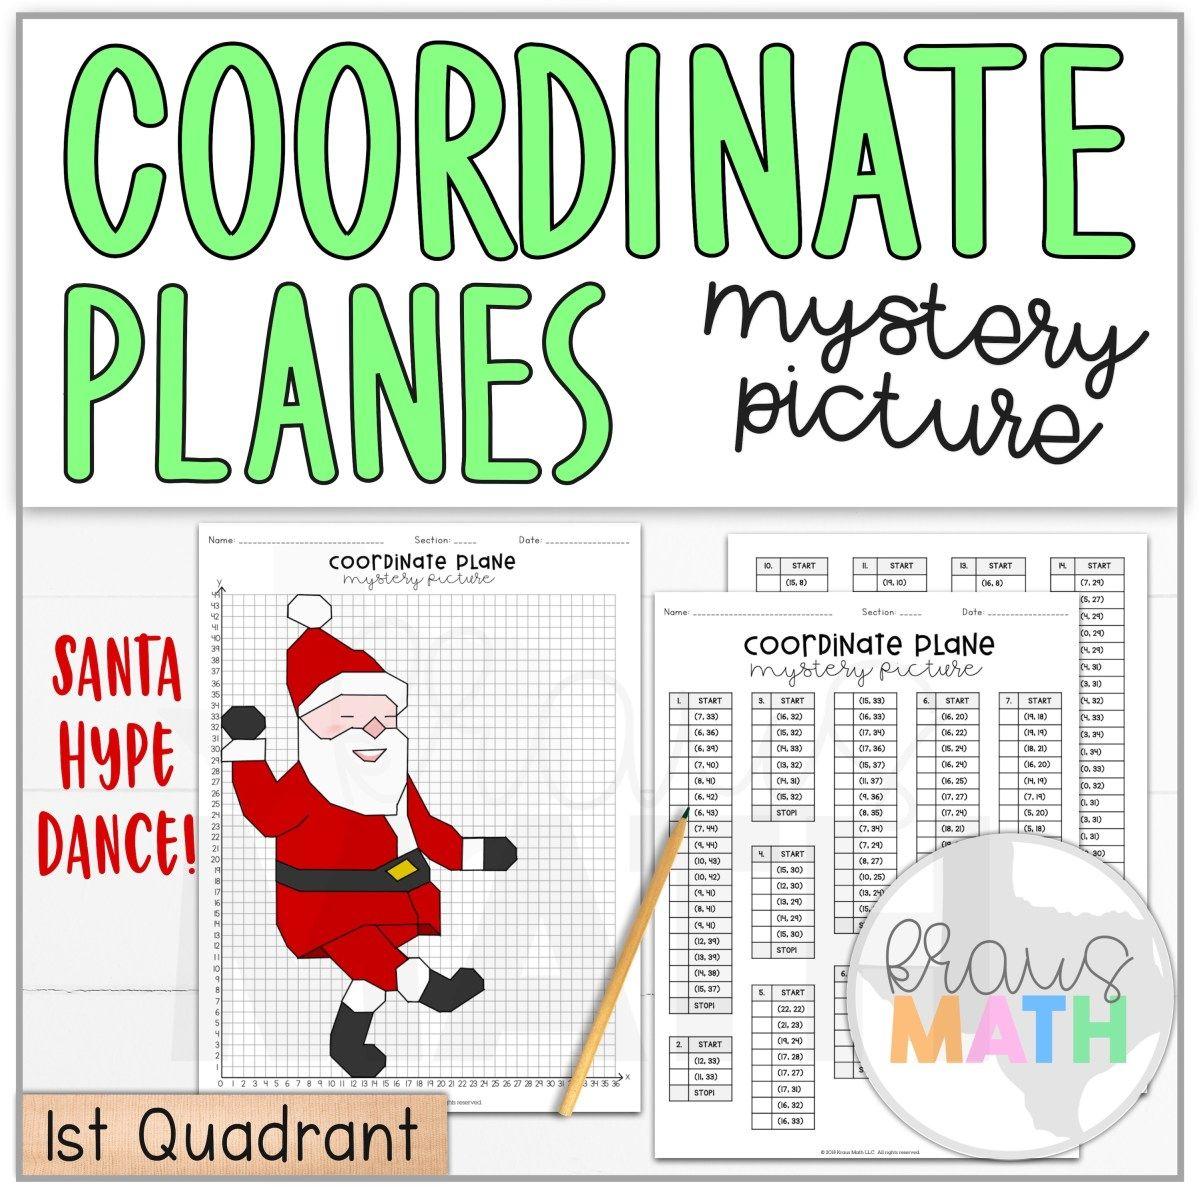 Santa Hype Dance Coordinate Plane Activity 1st Quadrant